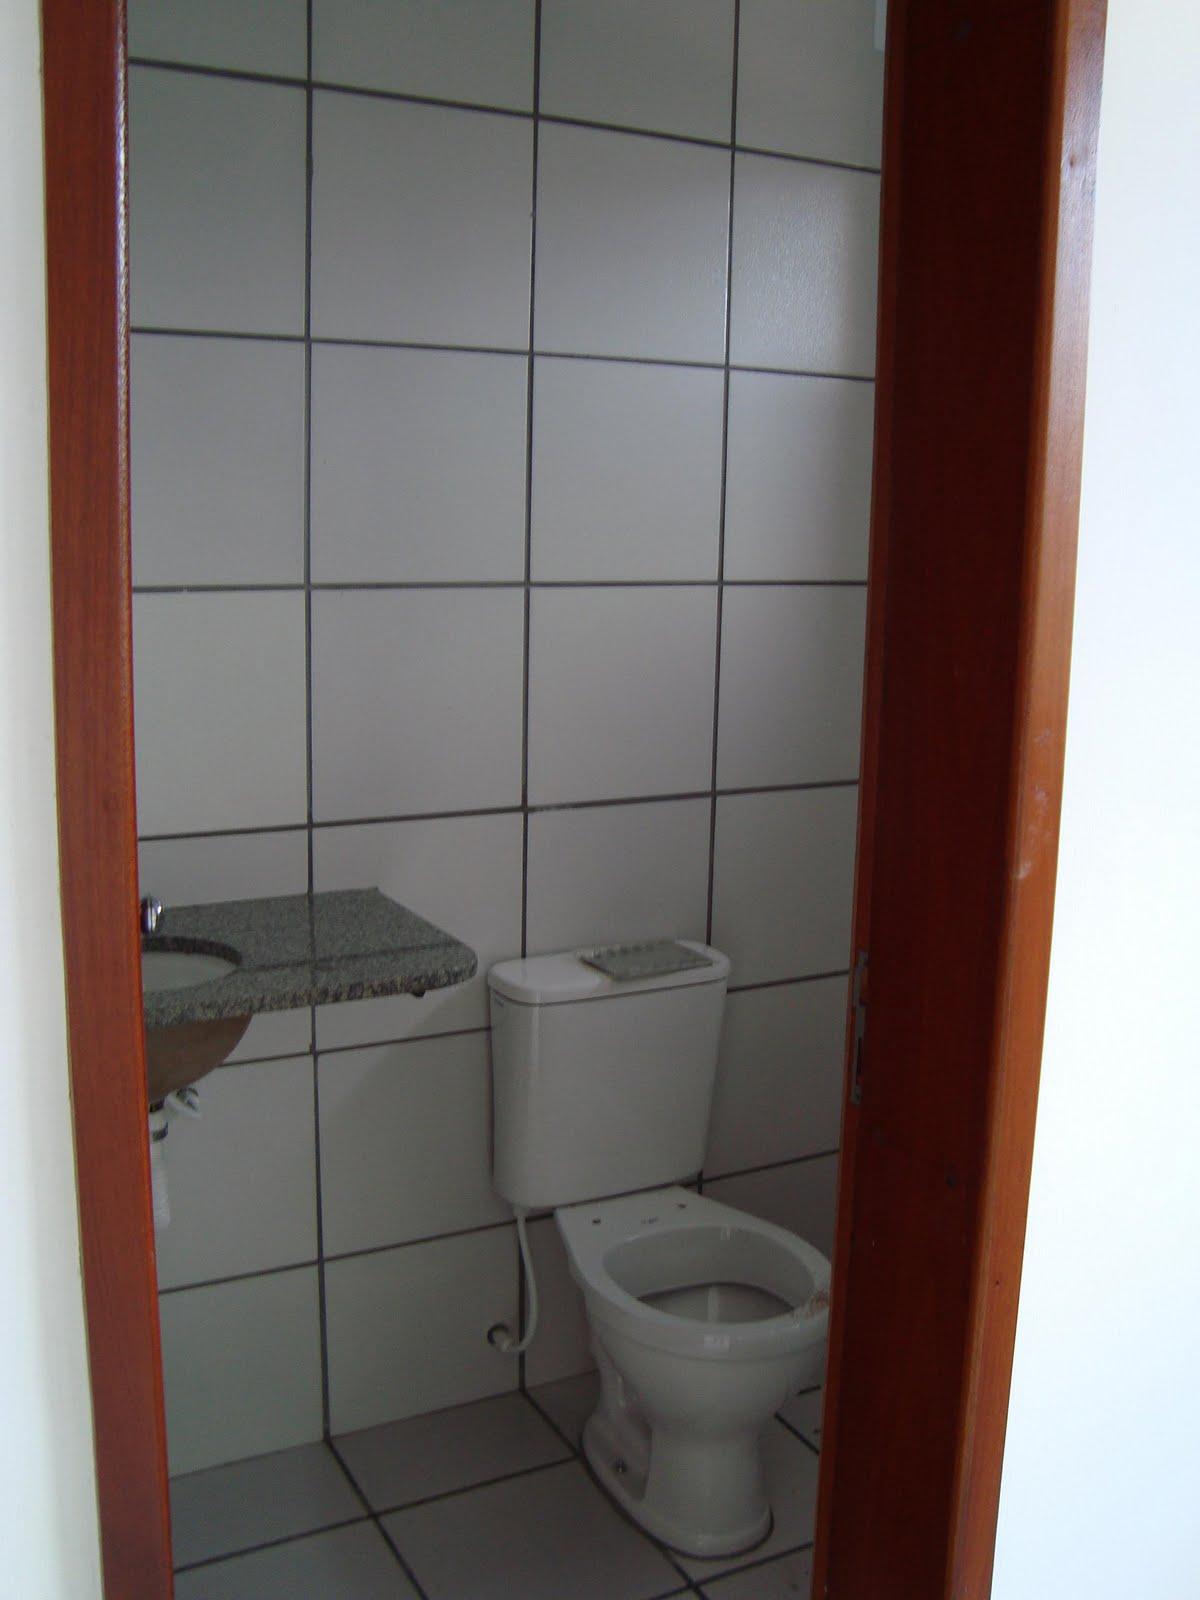 Imagens de #6D3727 Antes: Parede revestida por ceramica e bancada em granito. 1200x1600 px 3676 Banheiros Revestidos Simples